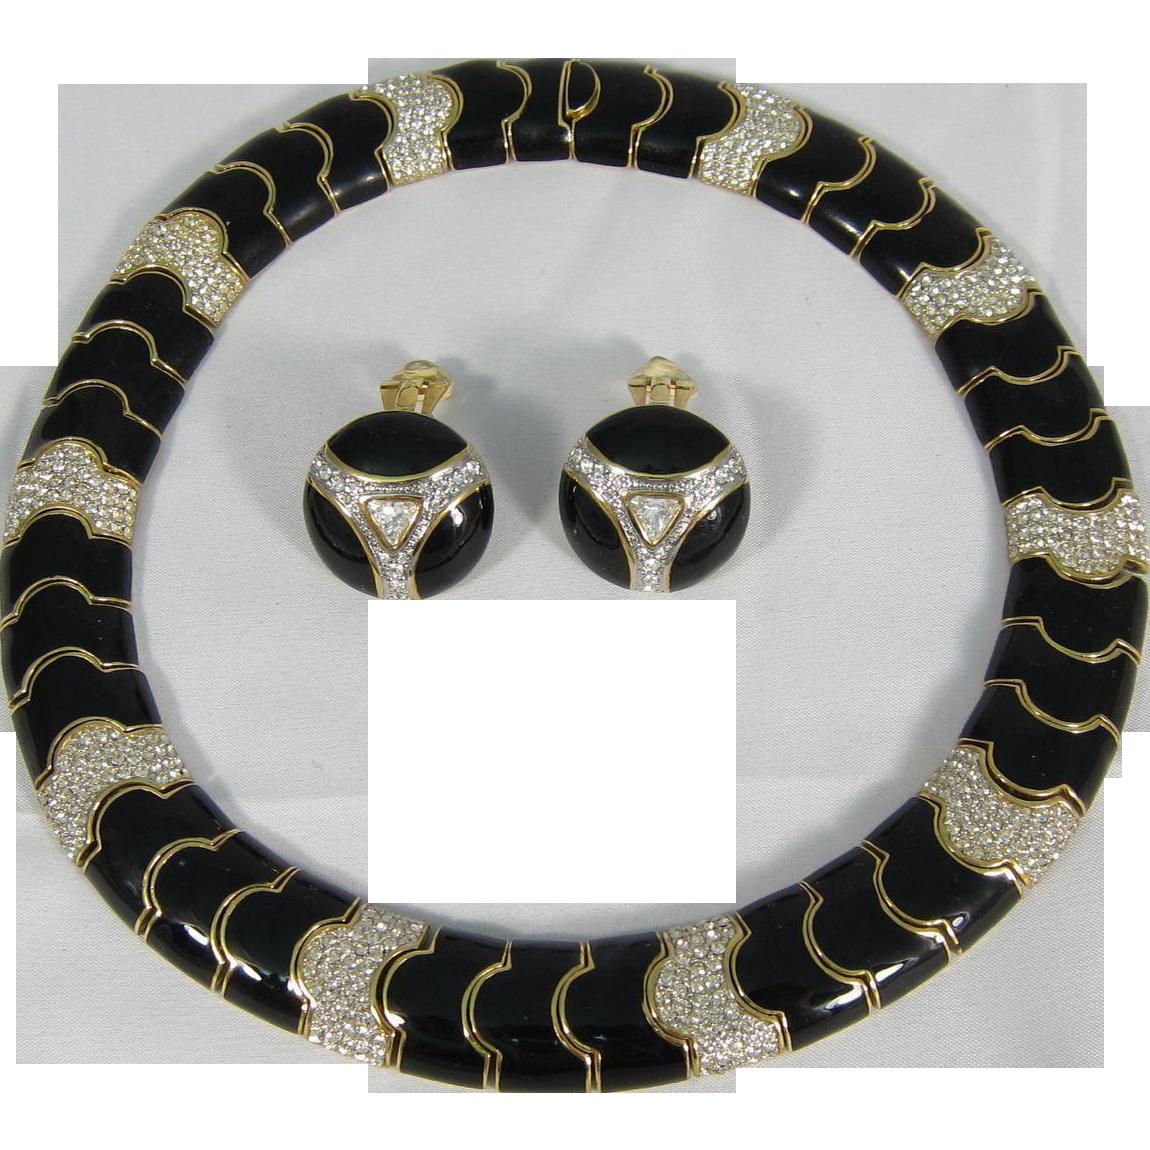 Vintage Ciner Black Enamel Rhinestones Necklace & Matching Earrings